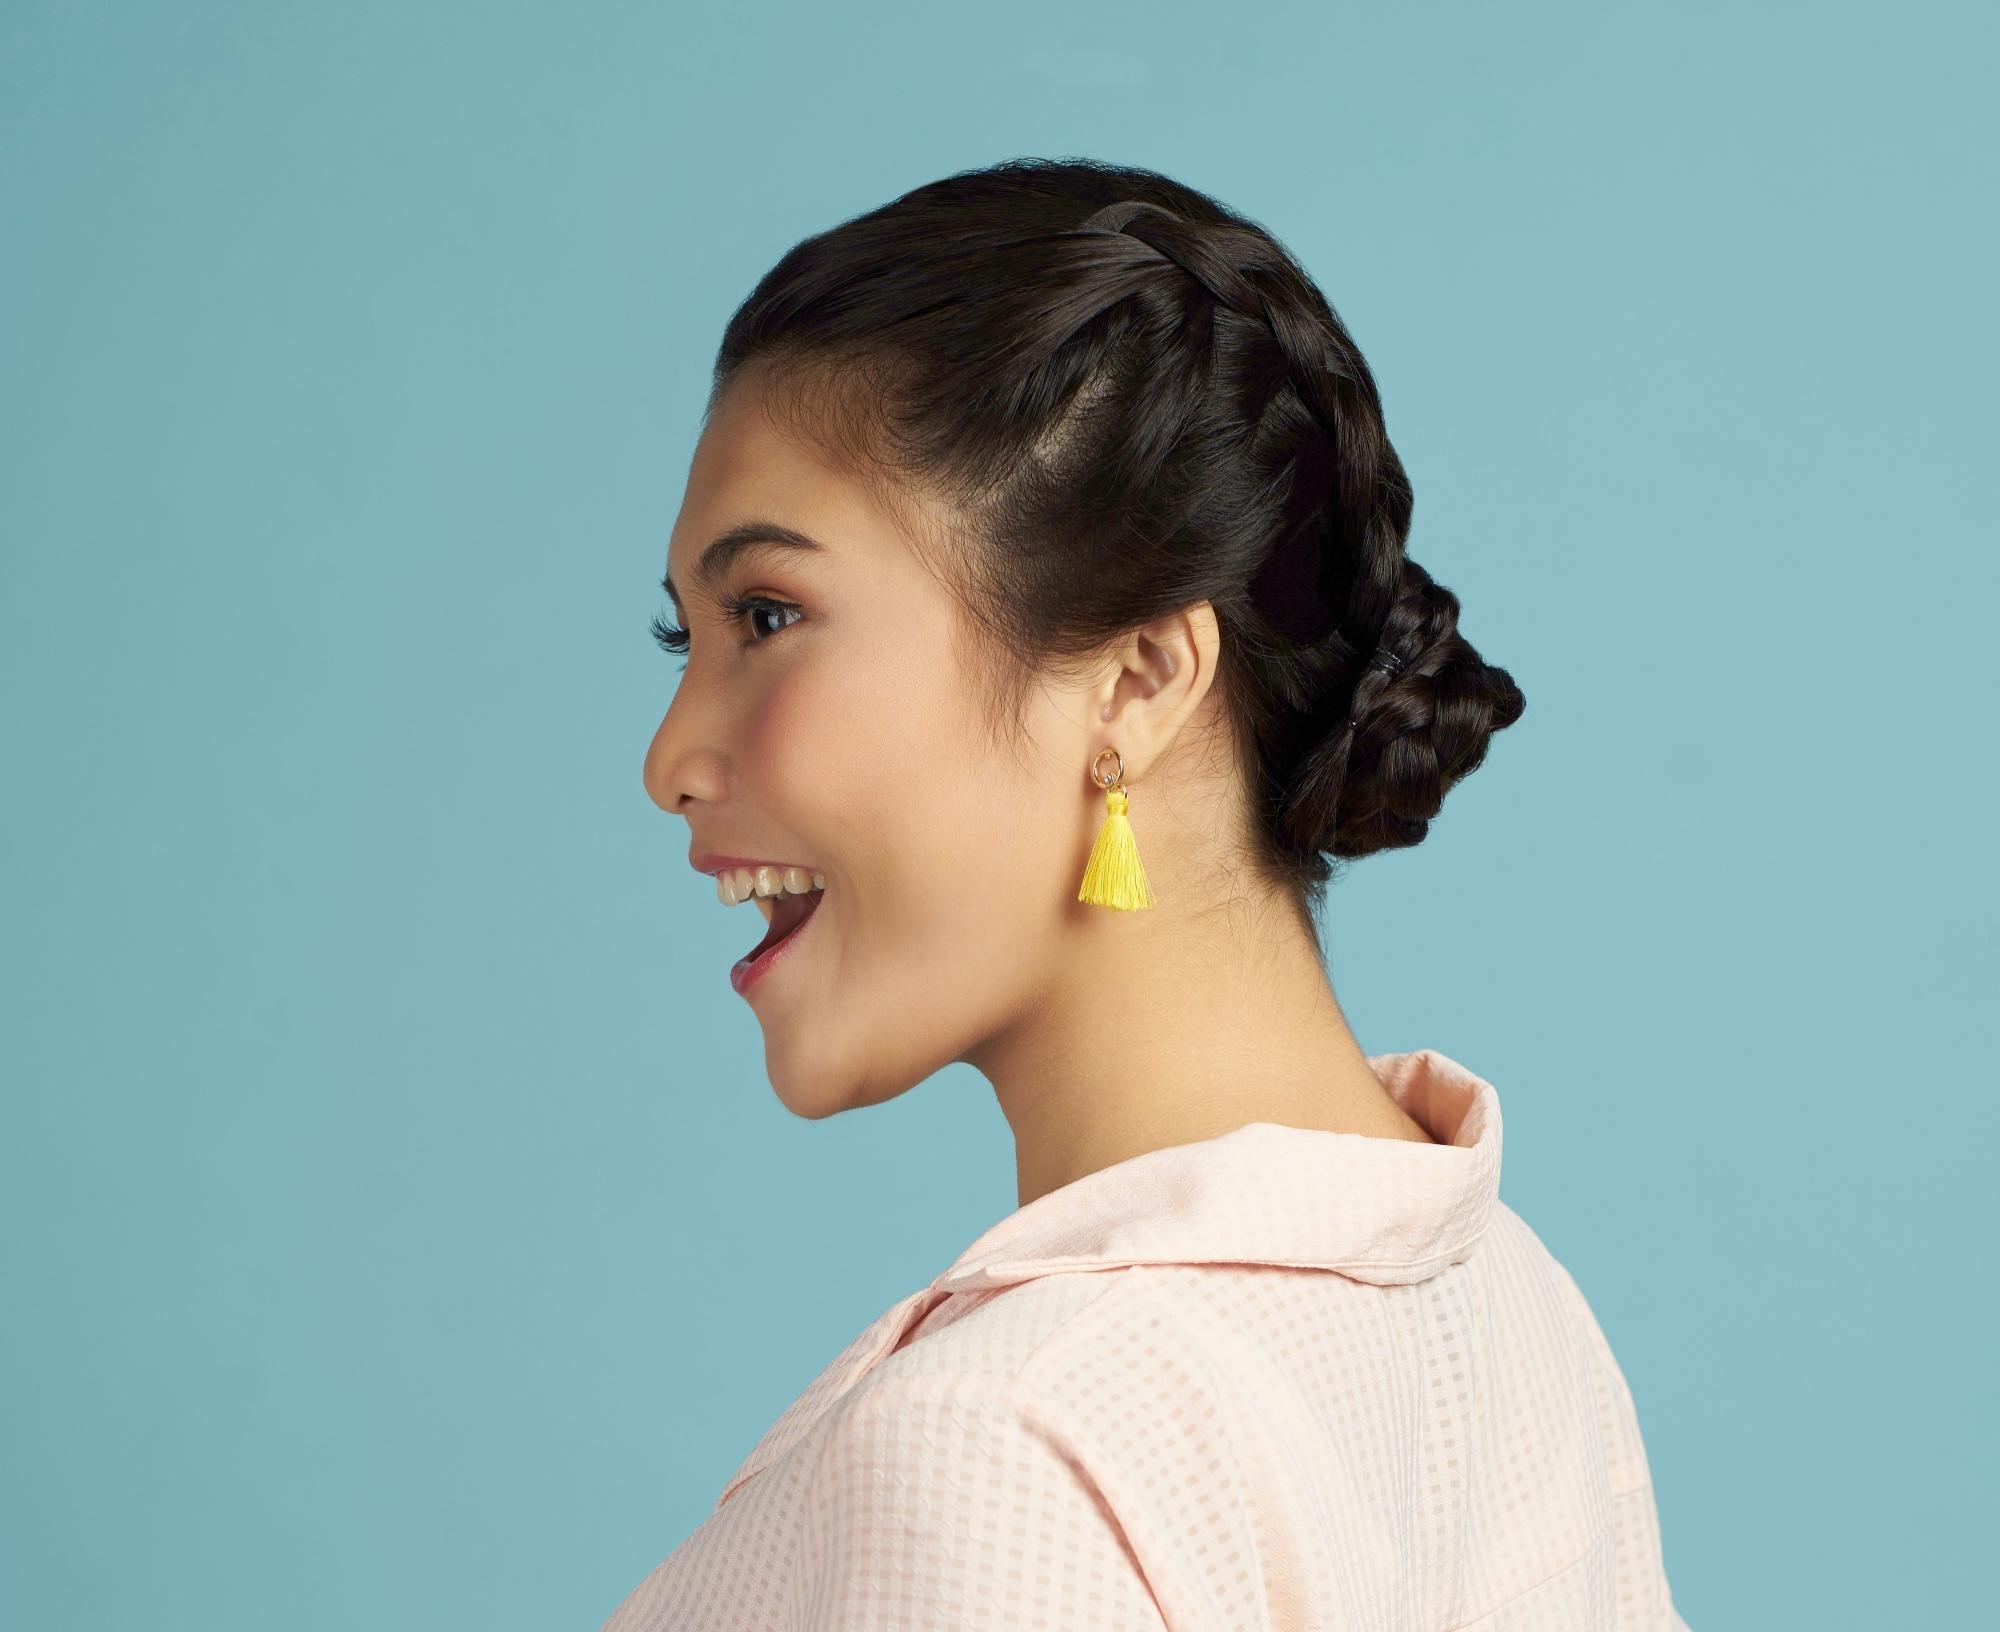 Closeup shot of an Asian woman with black hair in Double Dutch braid bun